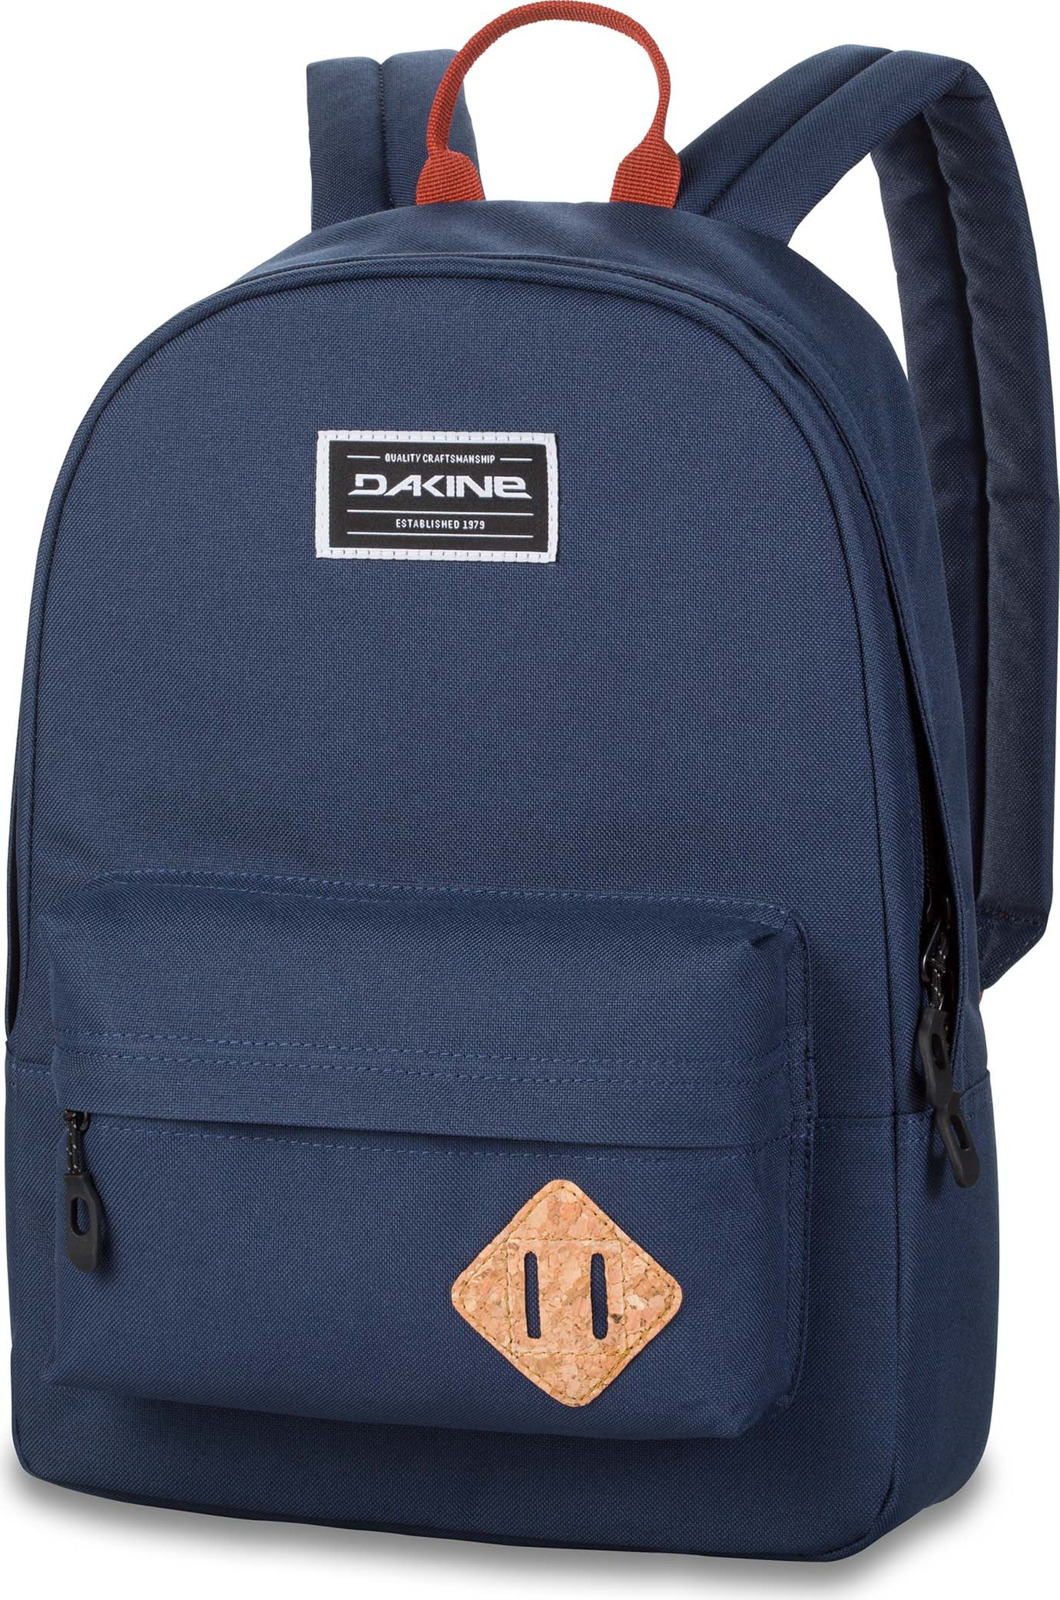 Рюкзак Dakine 365 Mini, цвет: темно-синий, 12 л dakine рюкзак dakine dk 365 dewilde 21 л